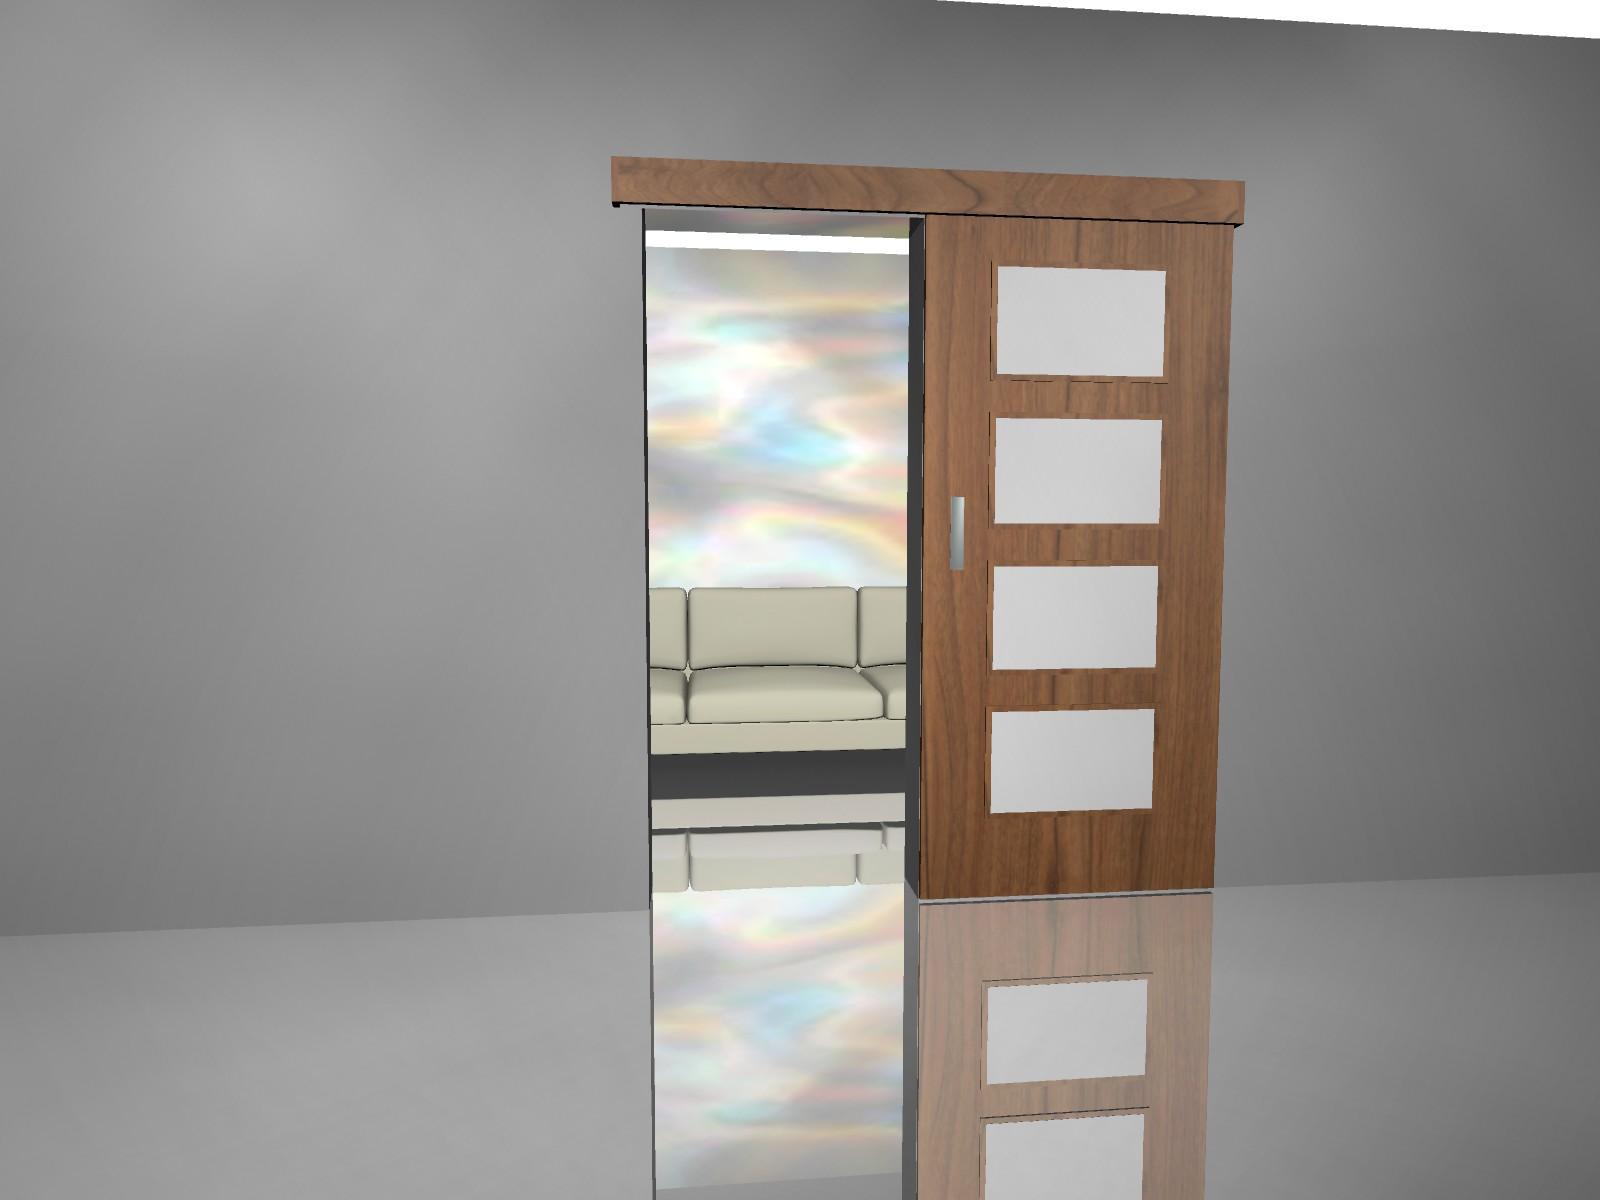 Výroba, prodej levných interiérových posuvných dveří, posuvek na zakázku